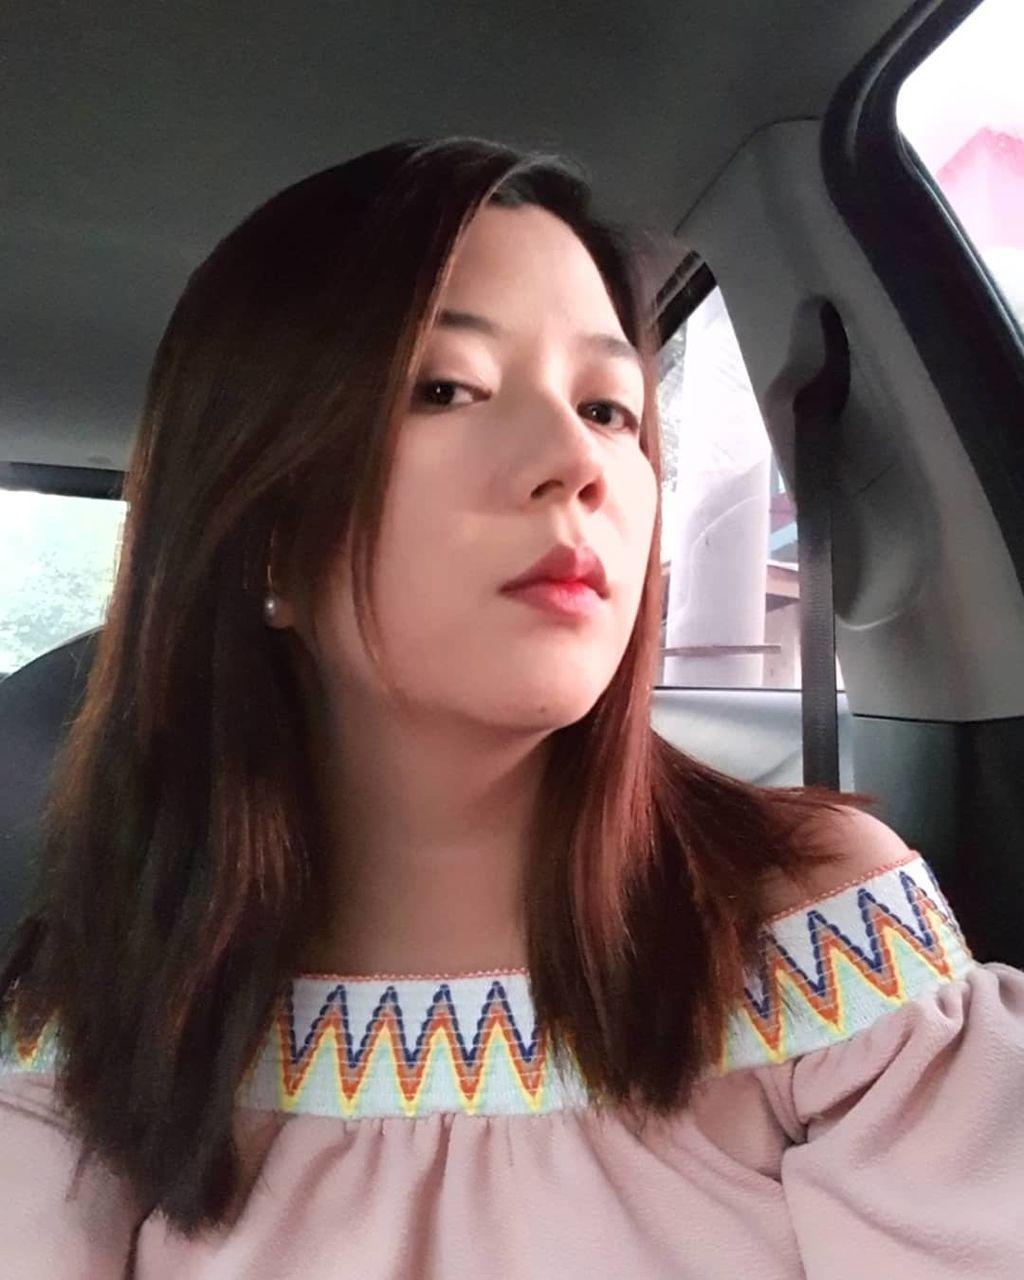 PORTRAIT OF BEAUTIFUL WOMAN IN CAR IN BUS